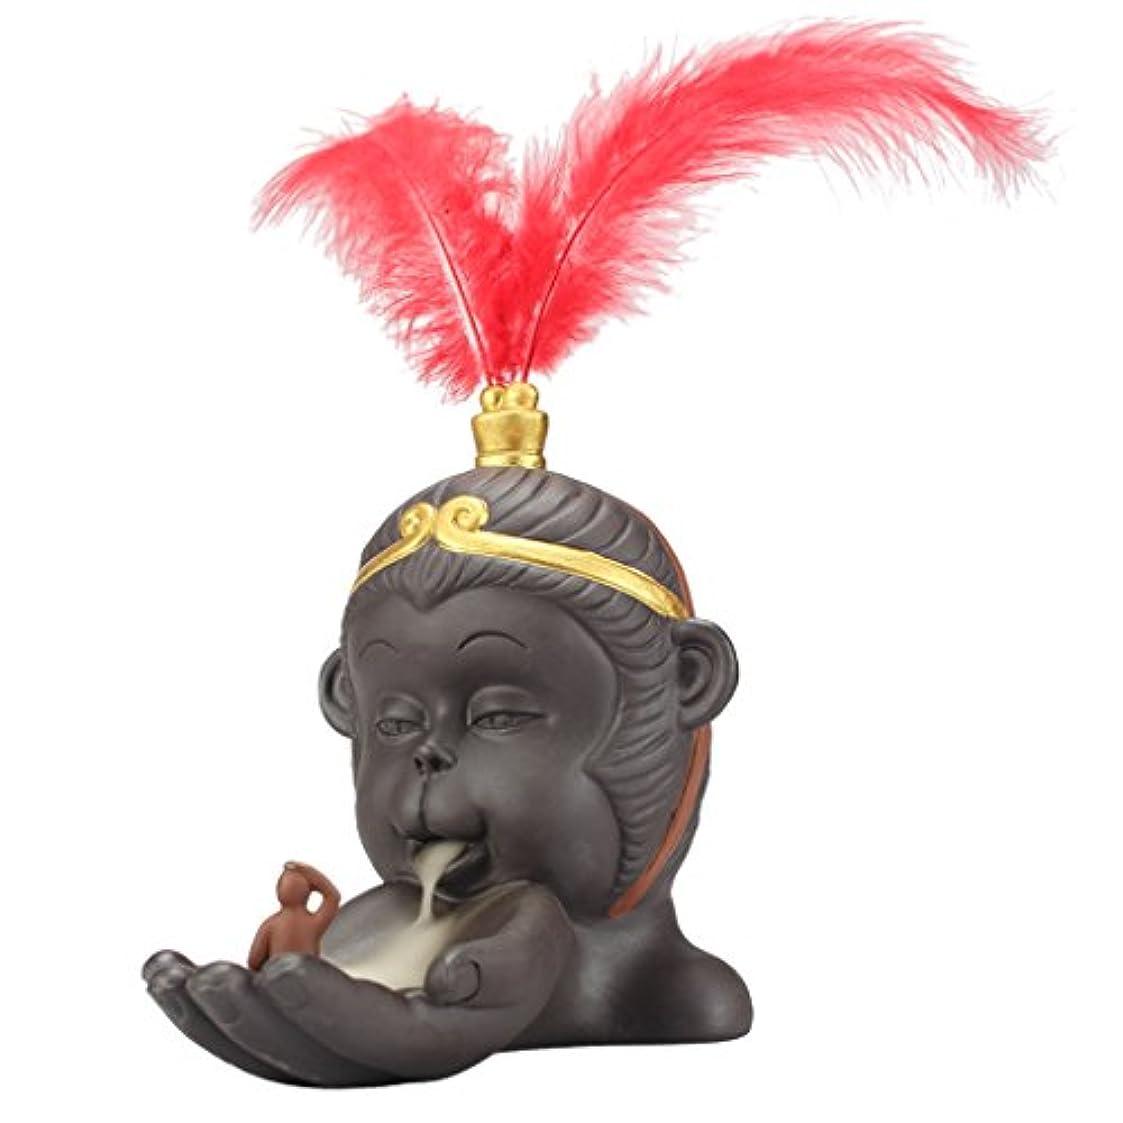 ラジエーター擬人化内向き小型 仏教 香炉 バーナーホルダー 逆流コーン 香バーナー 絶妙 技量 - 赤